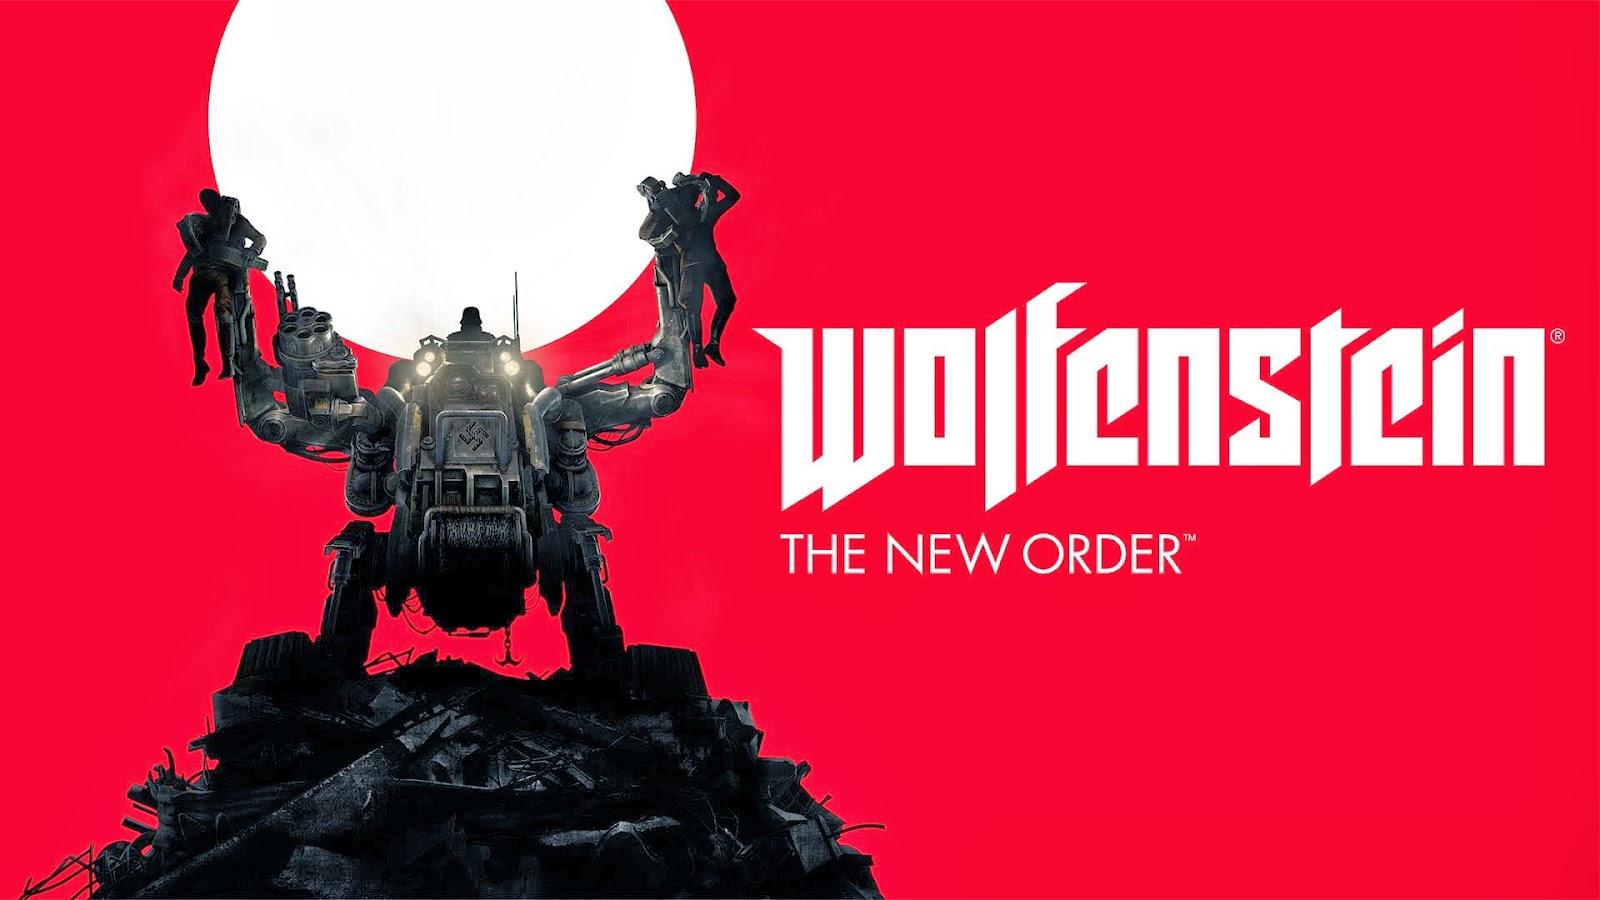 Wolfenstein The New Order a la venta el 20 de mayo